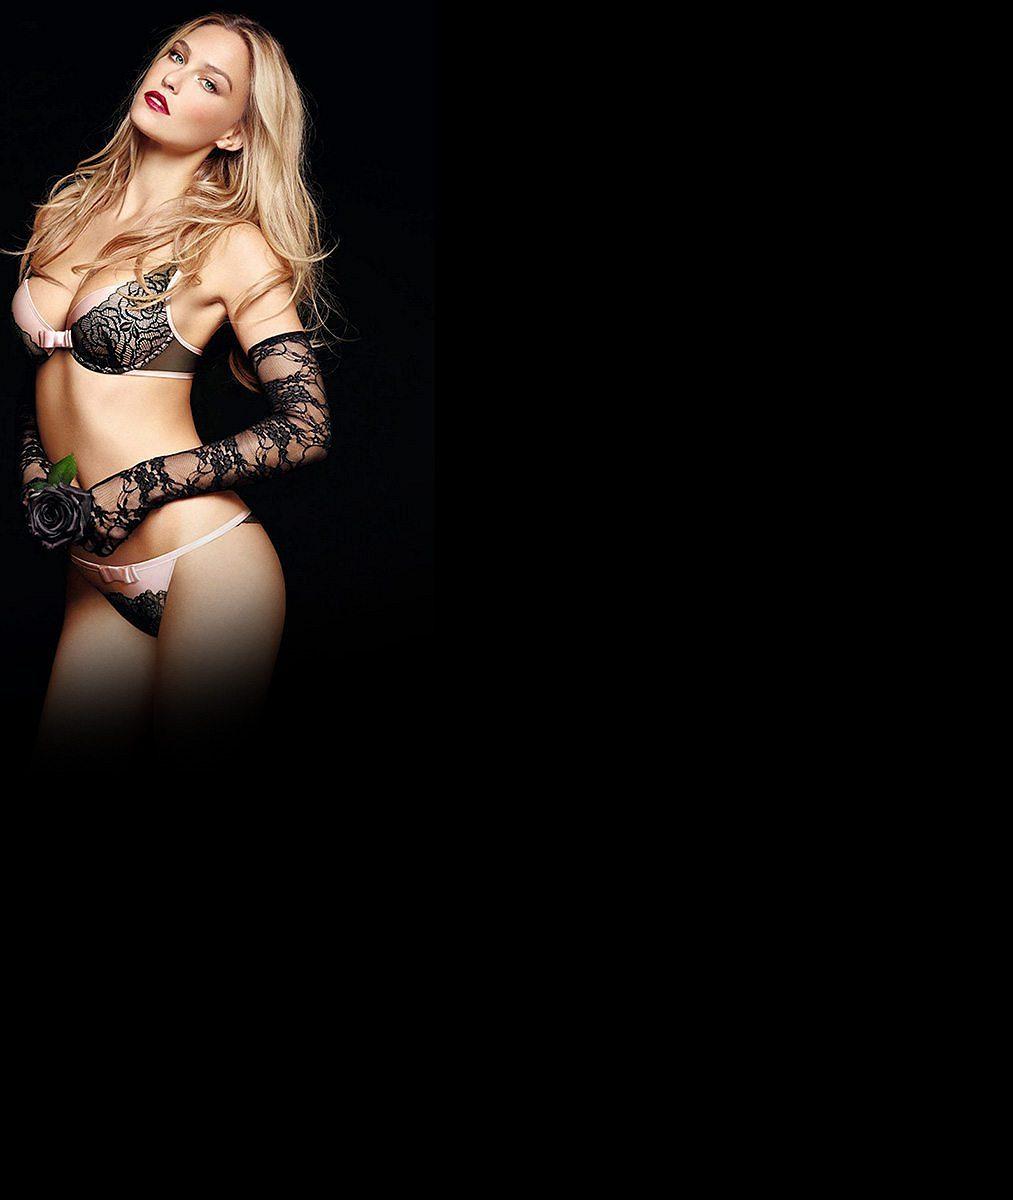 Vítej mezi třicátnicemi, Bar! 5nejžhavějších fotek božské DiCapriovy ex